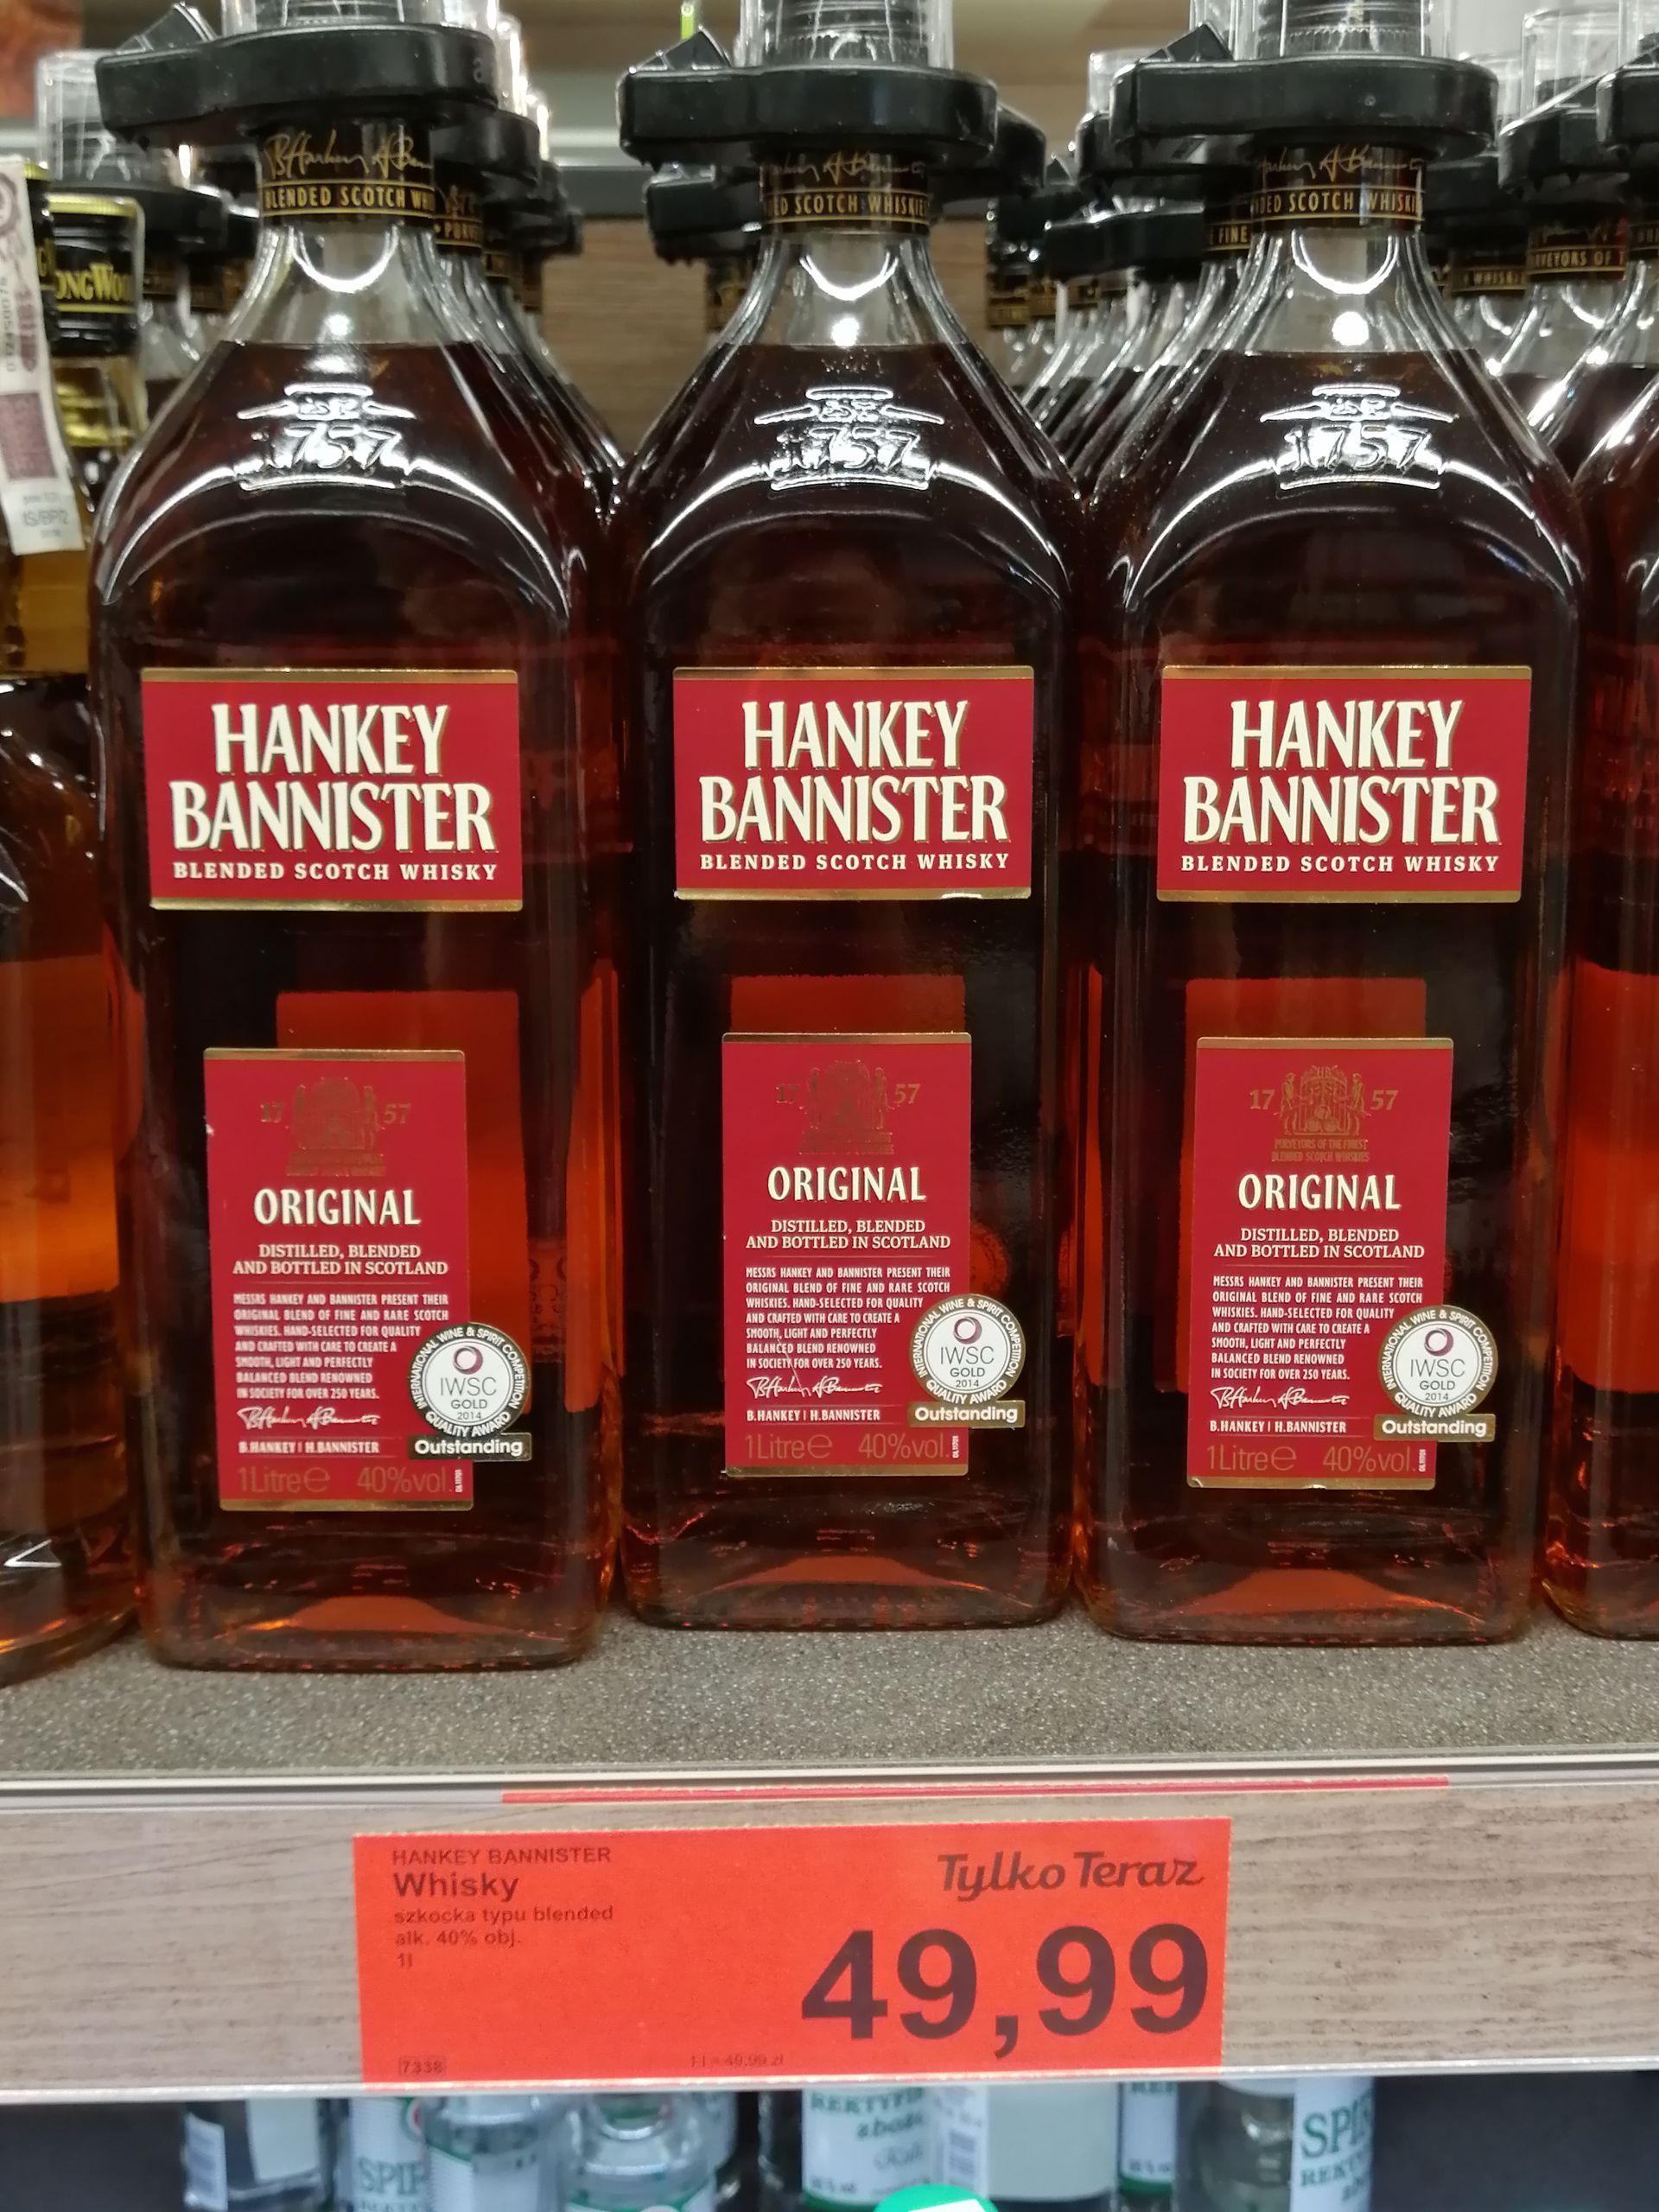 Whisky Hankey Bannister 40% 1 l Aldi